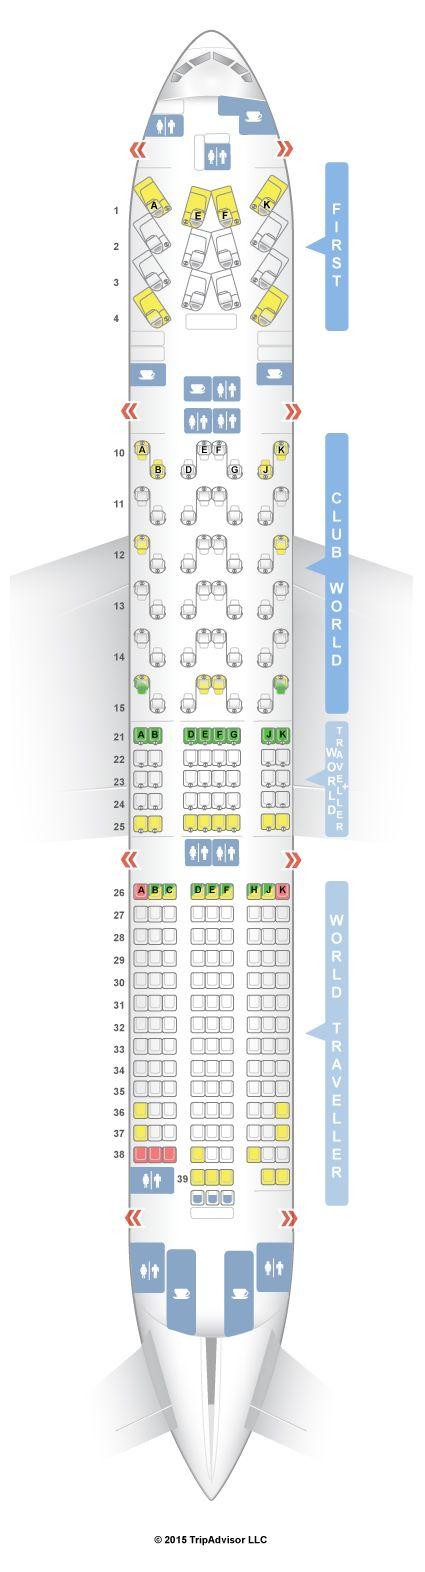 British Airways 777 Seat Map SeatGuru Seat Map British Airways Boeing 777 200 (772) Four Class